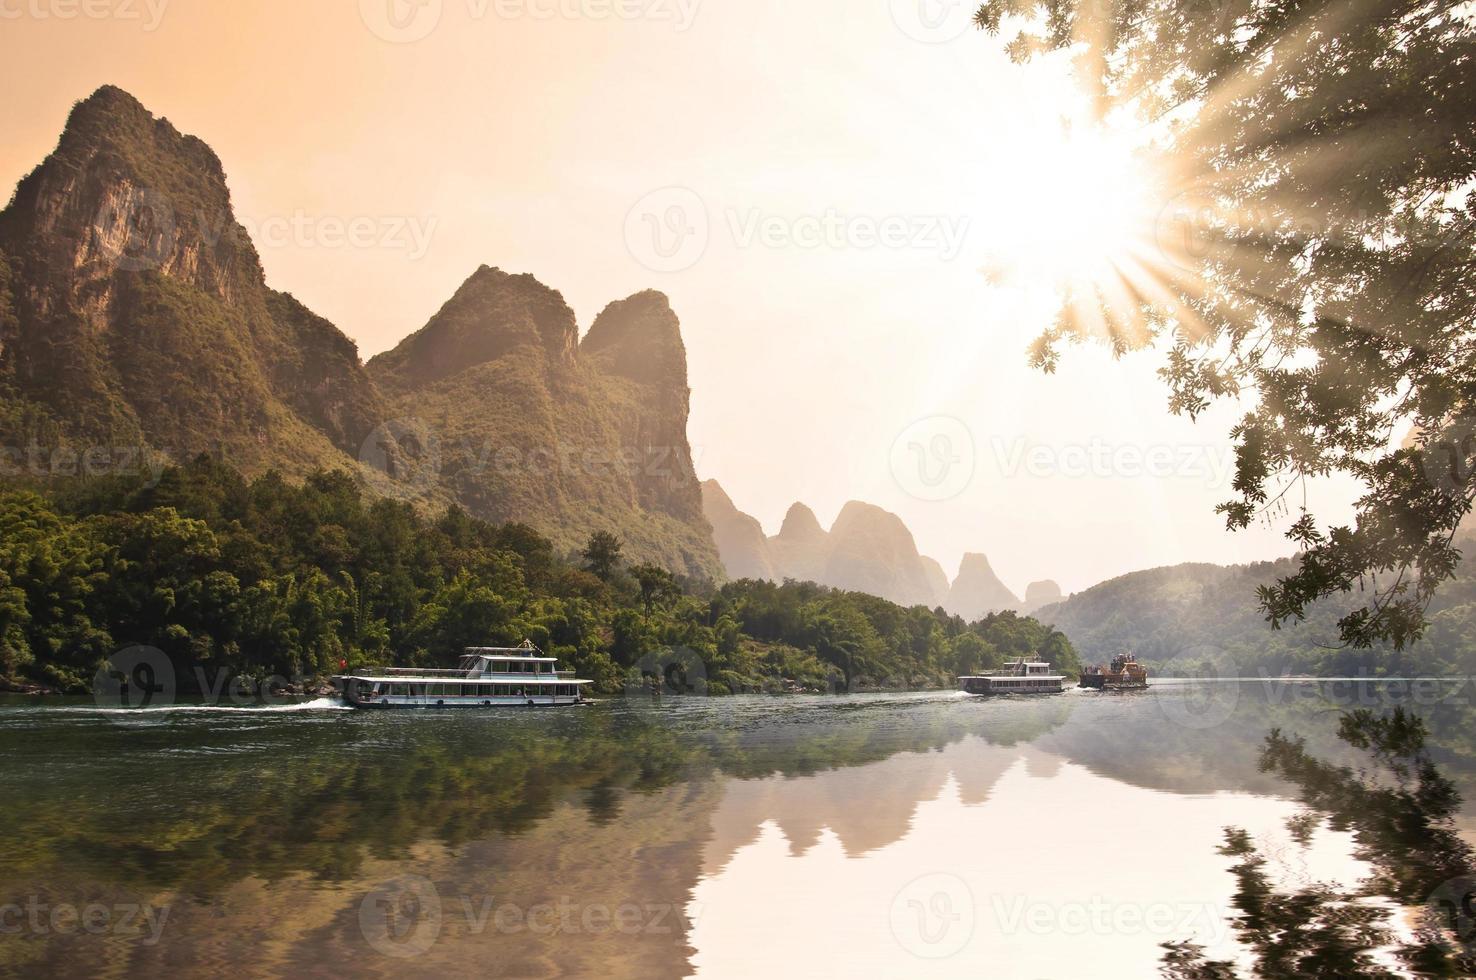 barcos no rio li (lijang), guangxi, china foto